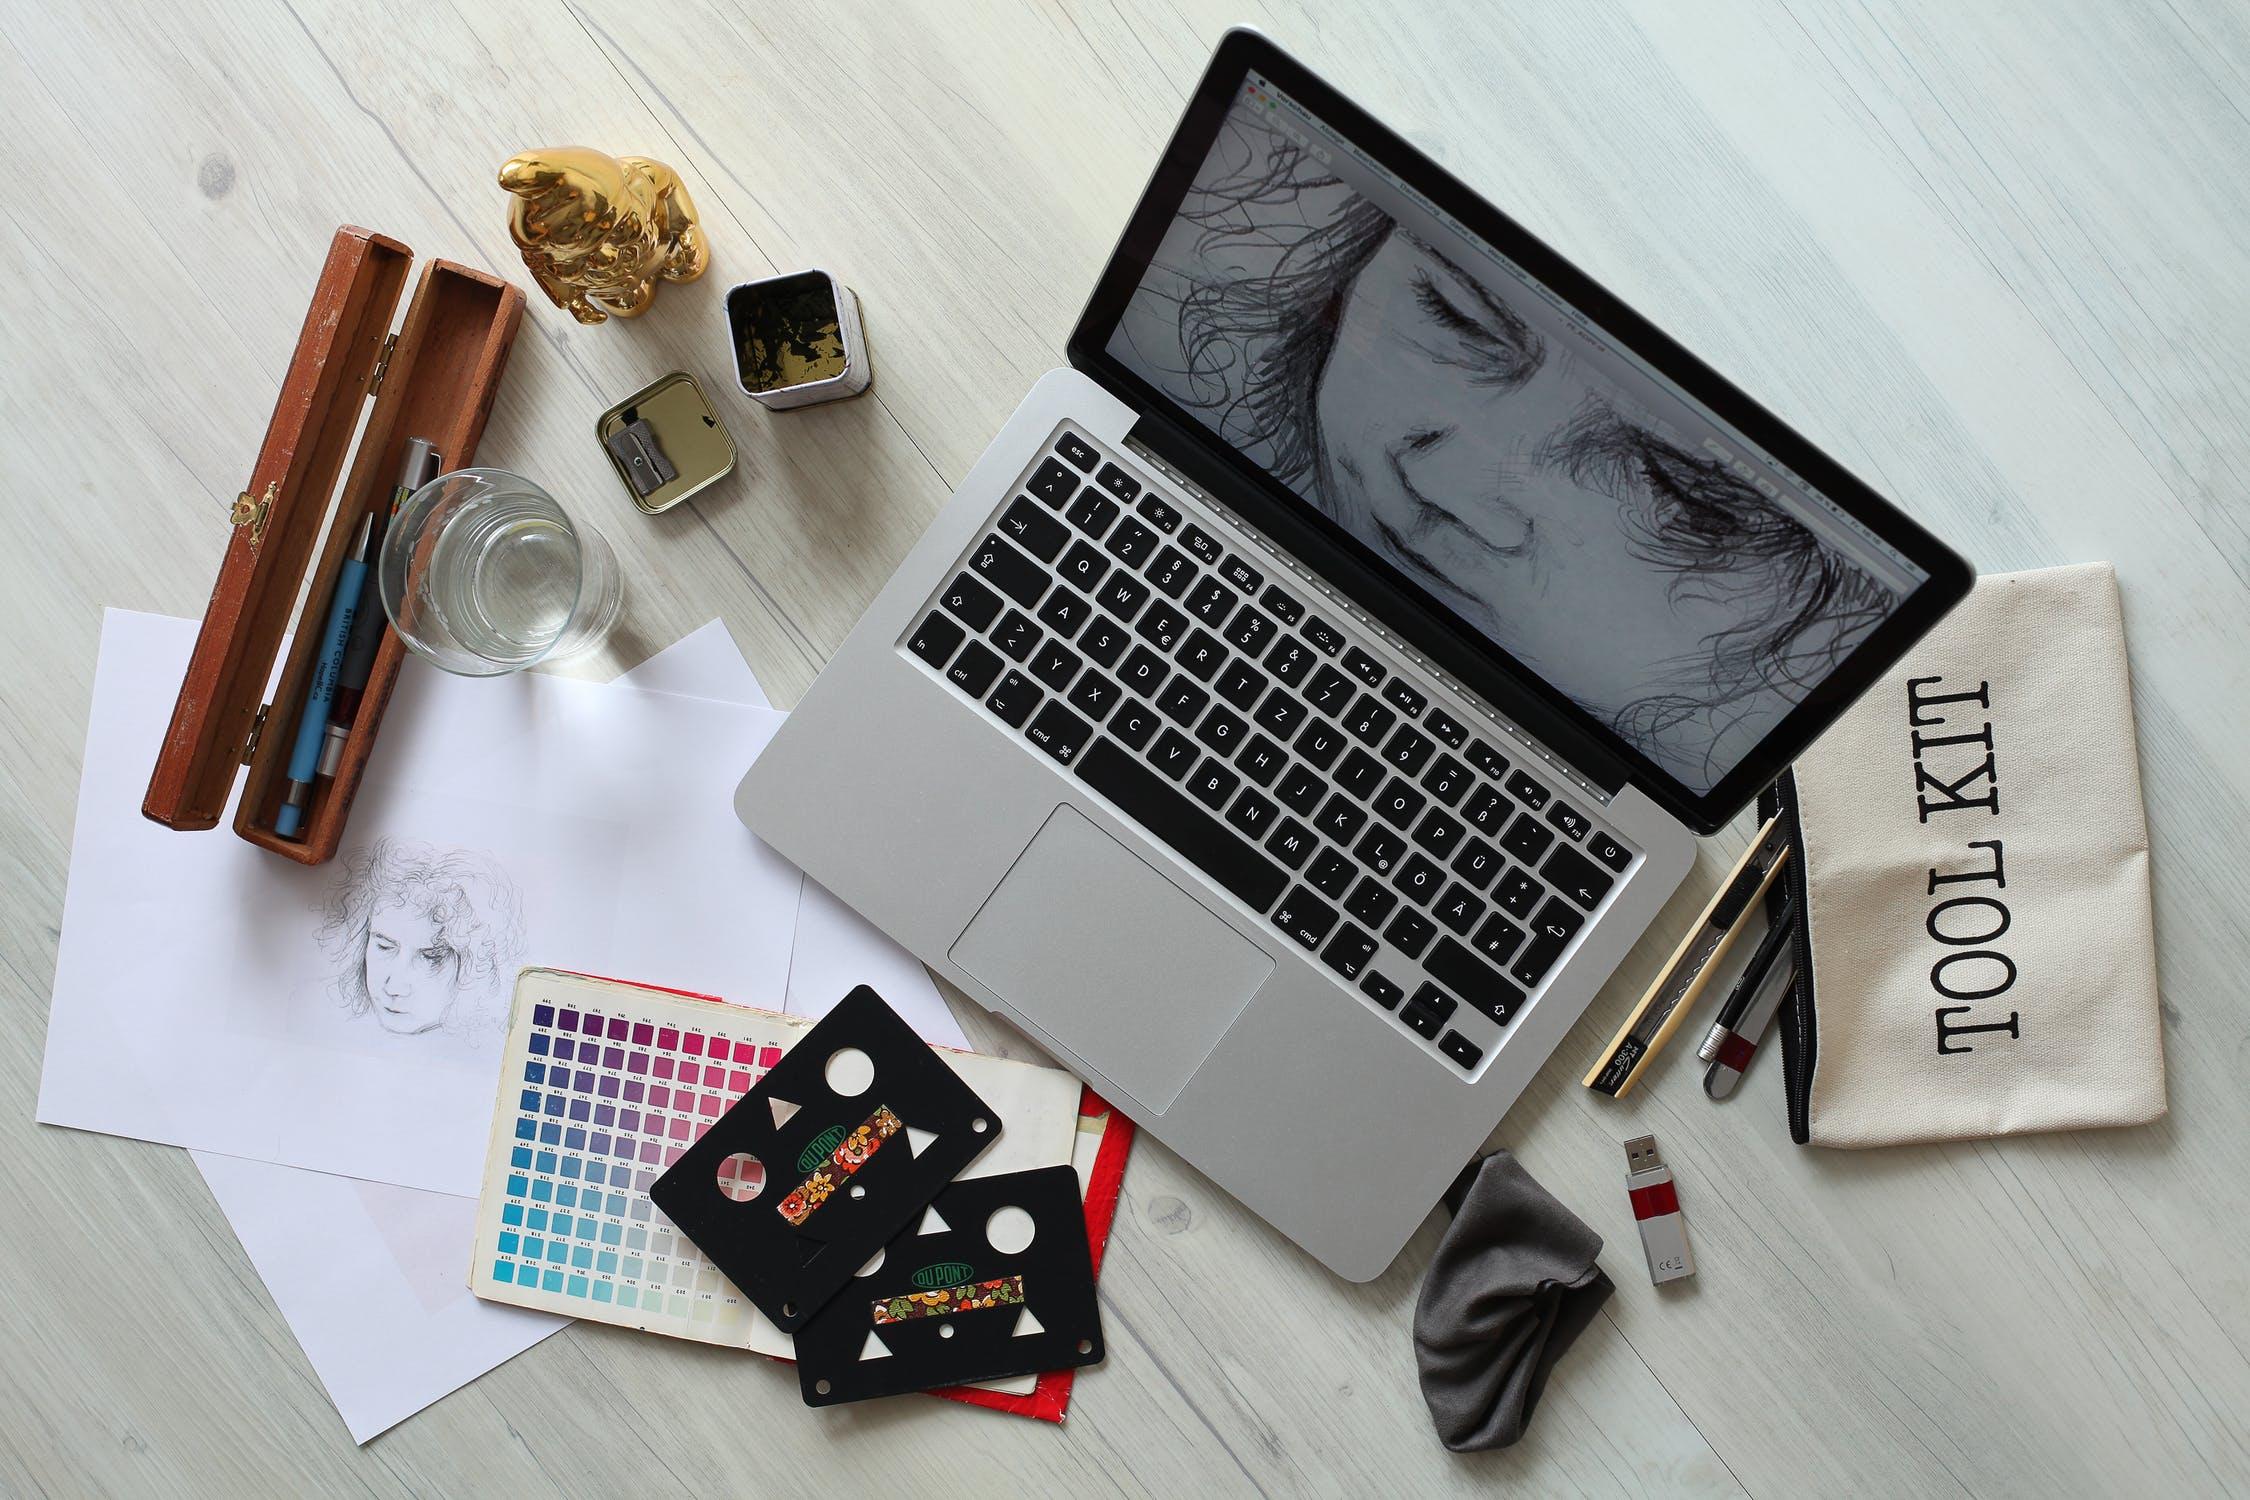 หางานGraphic design